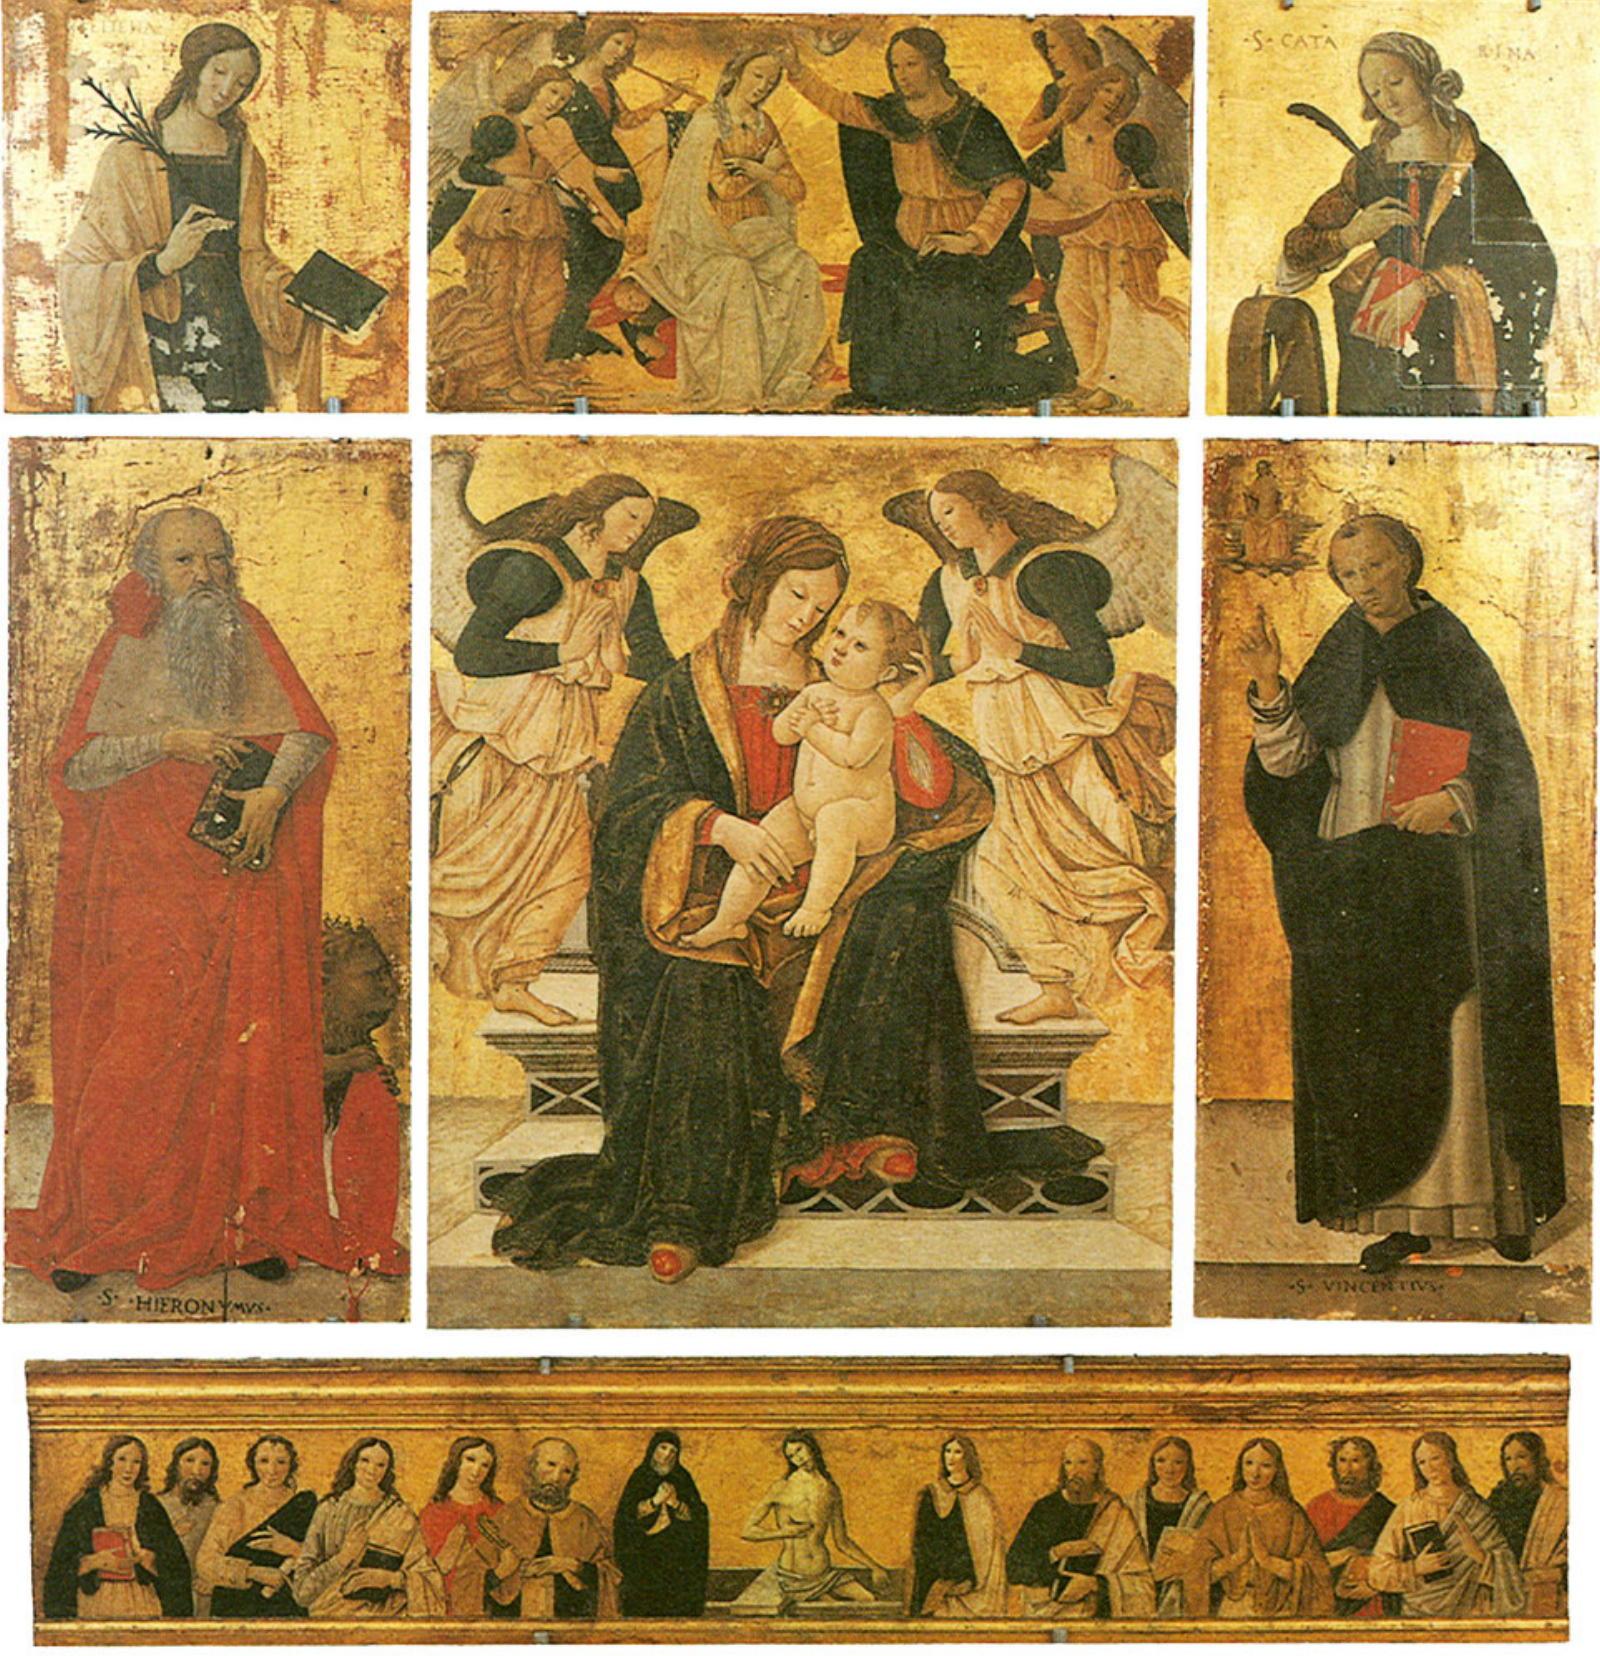 Duccio Leonardo